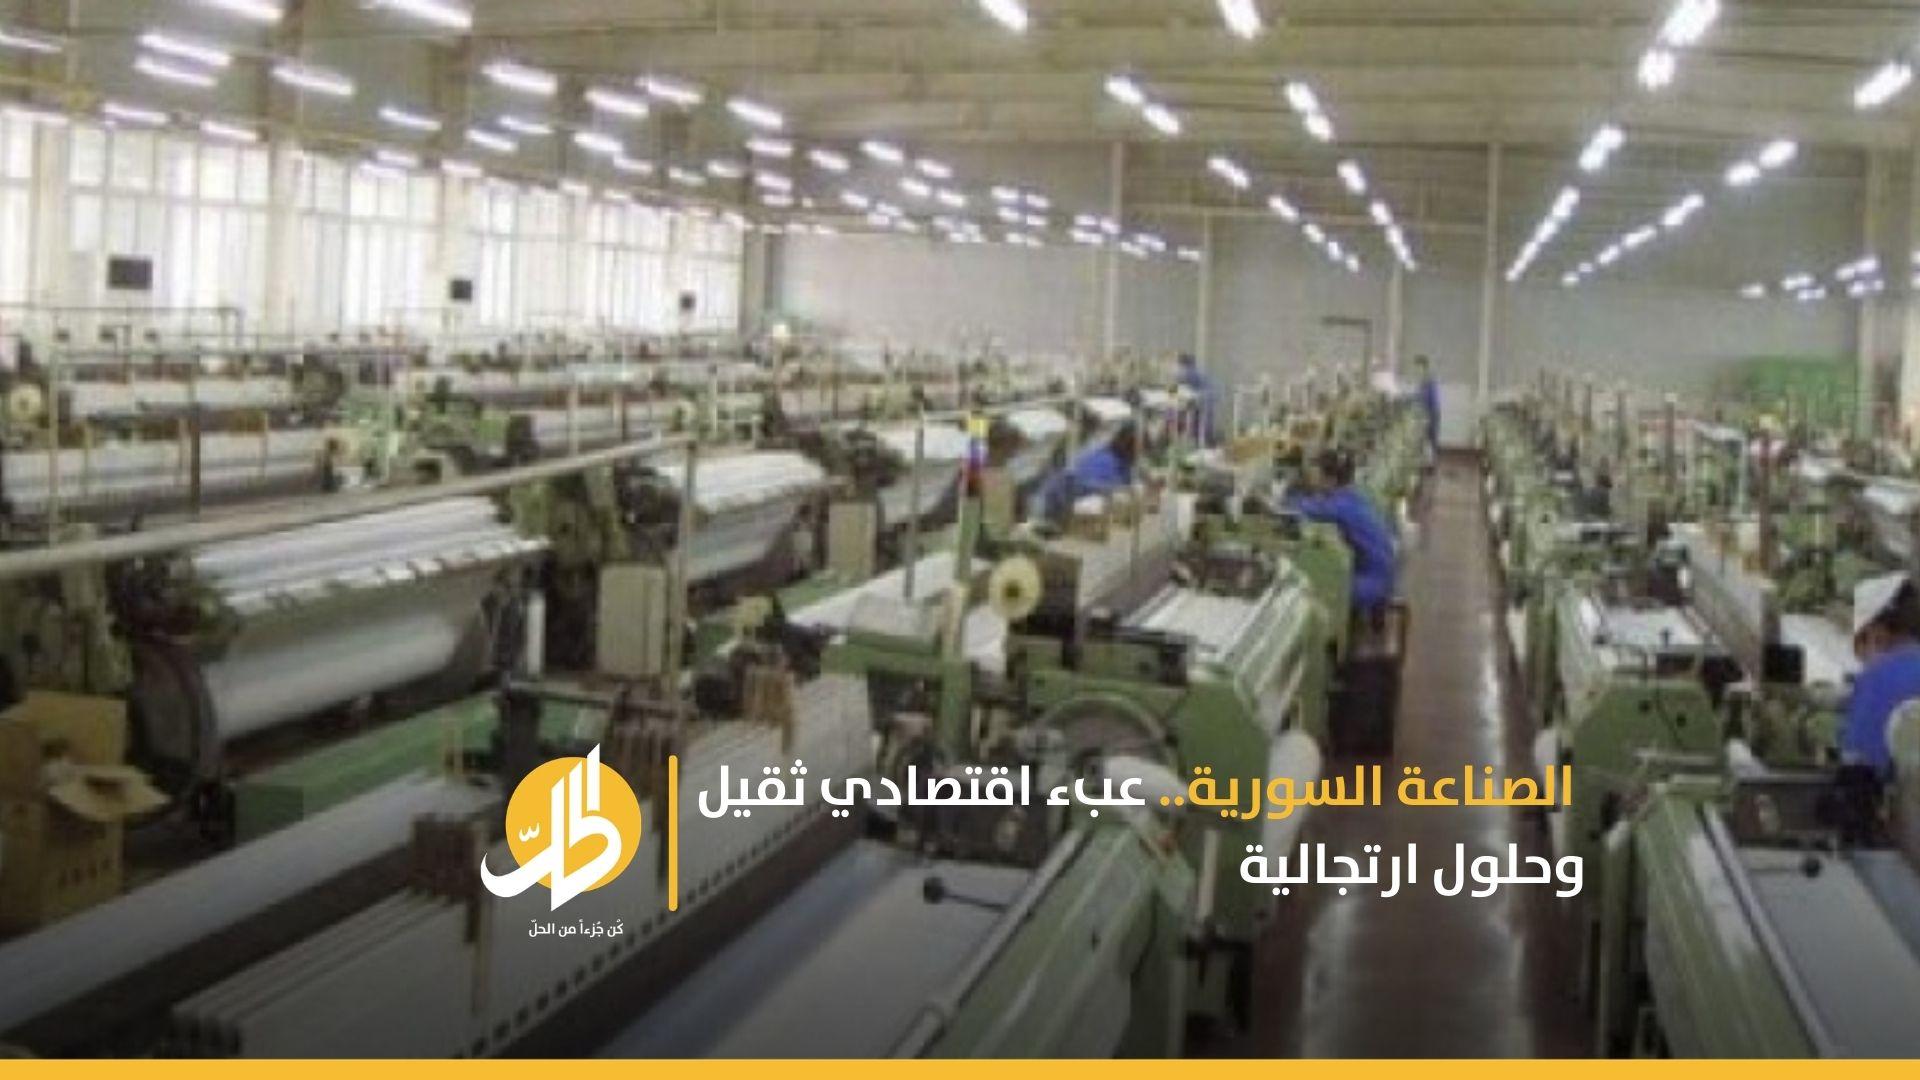 الصناعة السورية.. عبء اقتصادي ثقيل وحلول ارتجالية